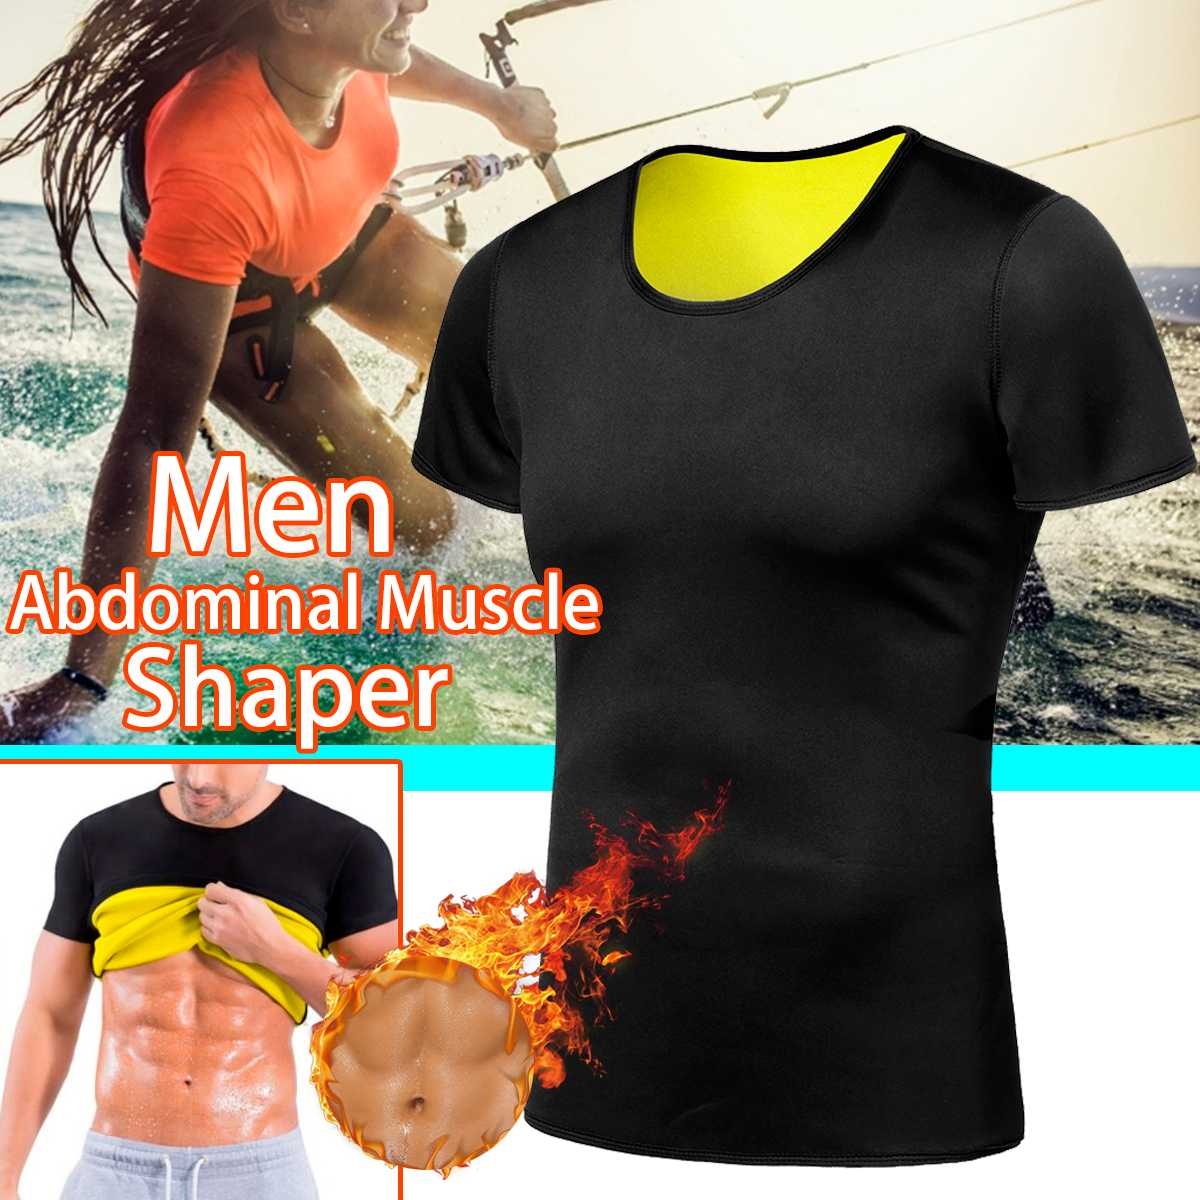 T-Shirt Wear Body-Shaper Sweat Sauna Sport-Clothes Sharper Slimming Yoga Tummy Fitness